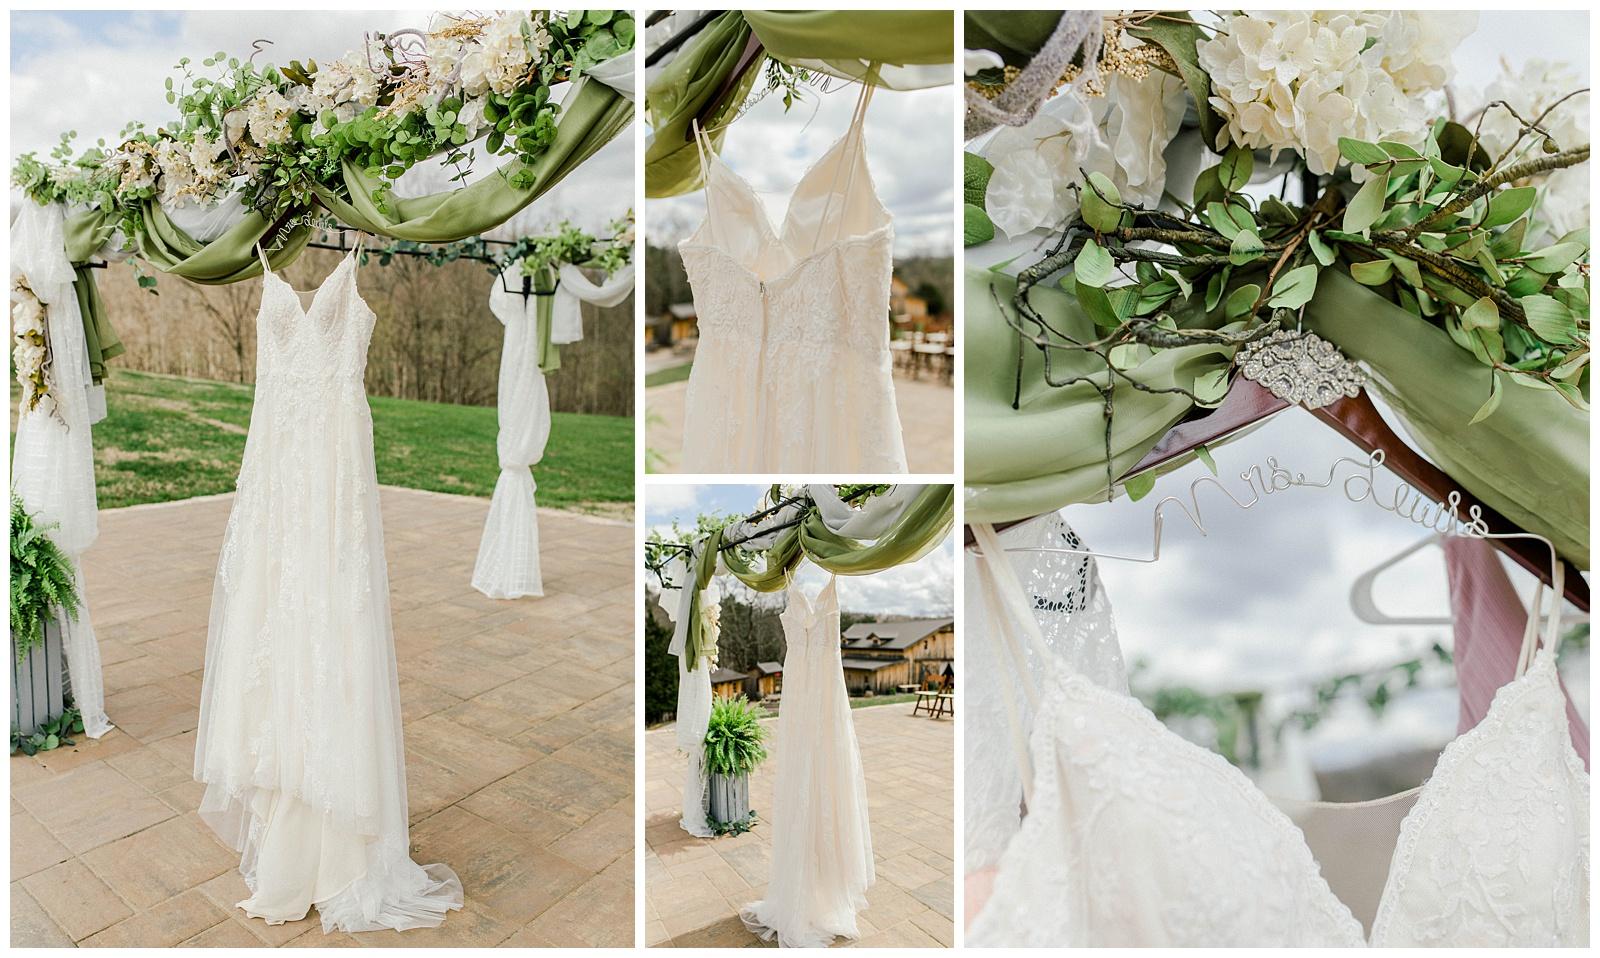 Lewis-Kara-Blakeman-Photography-Huntington-West-Virginia-Wedding-Barn-Olde-Homestead-3